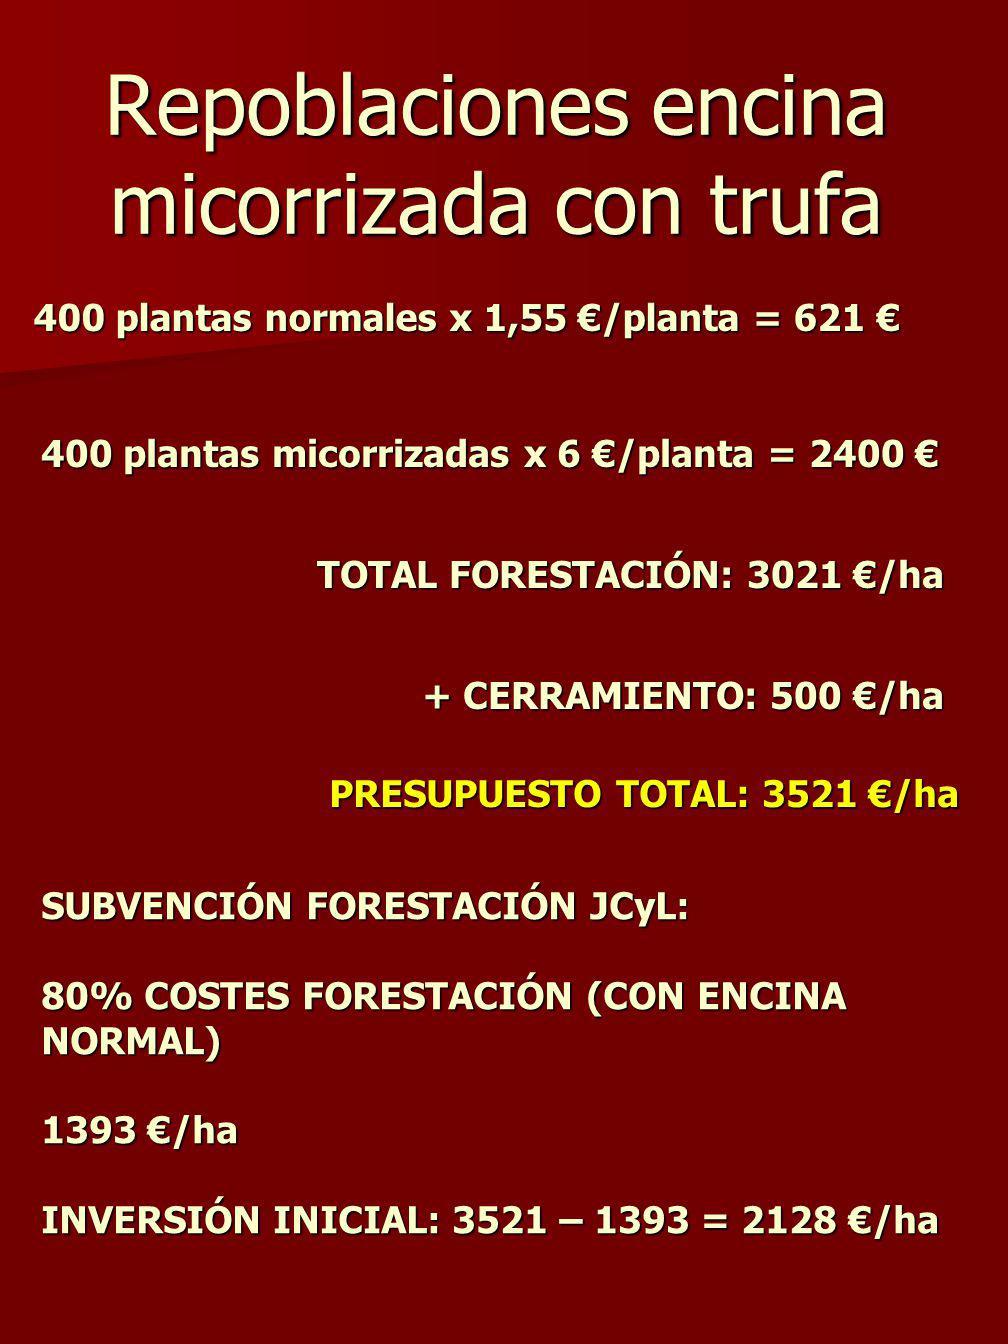 Repoblaciones encina micorrizada con trufa 400 plantas normales x 1,55 /planta = 621 400 plantas normales x 1,55 /planta = 621 400 plantas micorrizadas x 6 /planta = 2400 400 plantas micorrizadas x 6 /planta = 2400 TOTAL FORESTACIÓN: 3021 /ha + CERRAMIENTO: 500 /ha PRESUPUESTO TOTAL: 3521 /ha SUBVENCIÓN FORESTACIÓN JCyL: 80% COSTES FORESTACIÓN (CON ENCINA NORMAL) 1393 /ha INVERSIÓN INICIAL: 3521 – 1393 = 2128 /ha